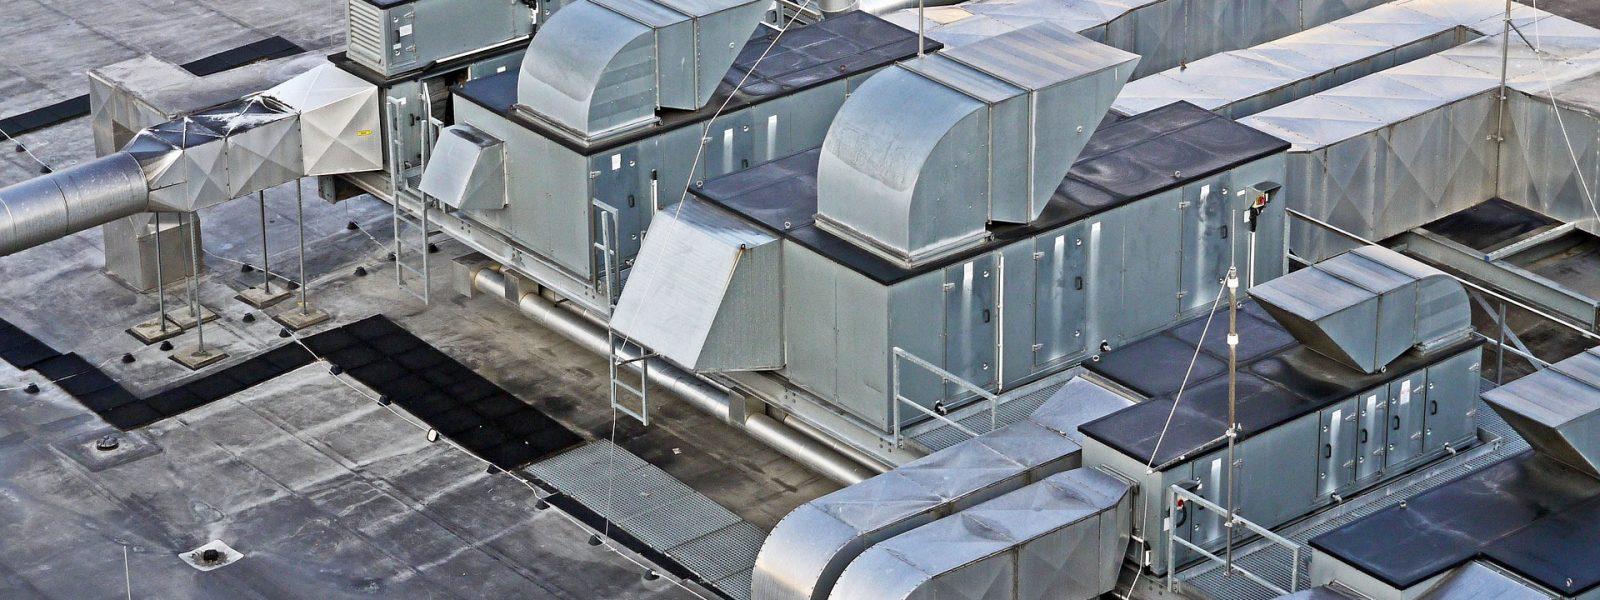 Ventilator Bilder evia european ventilation industry association